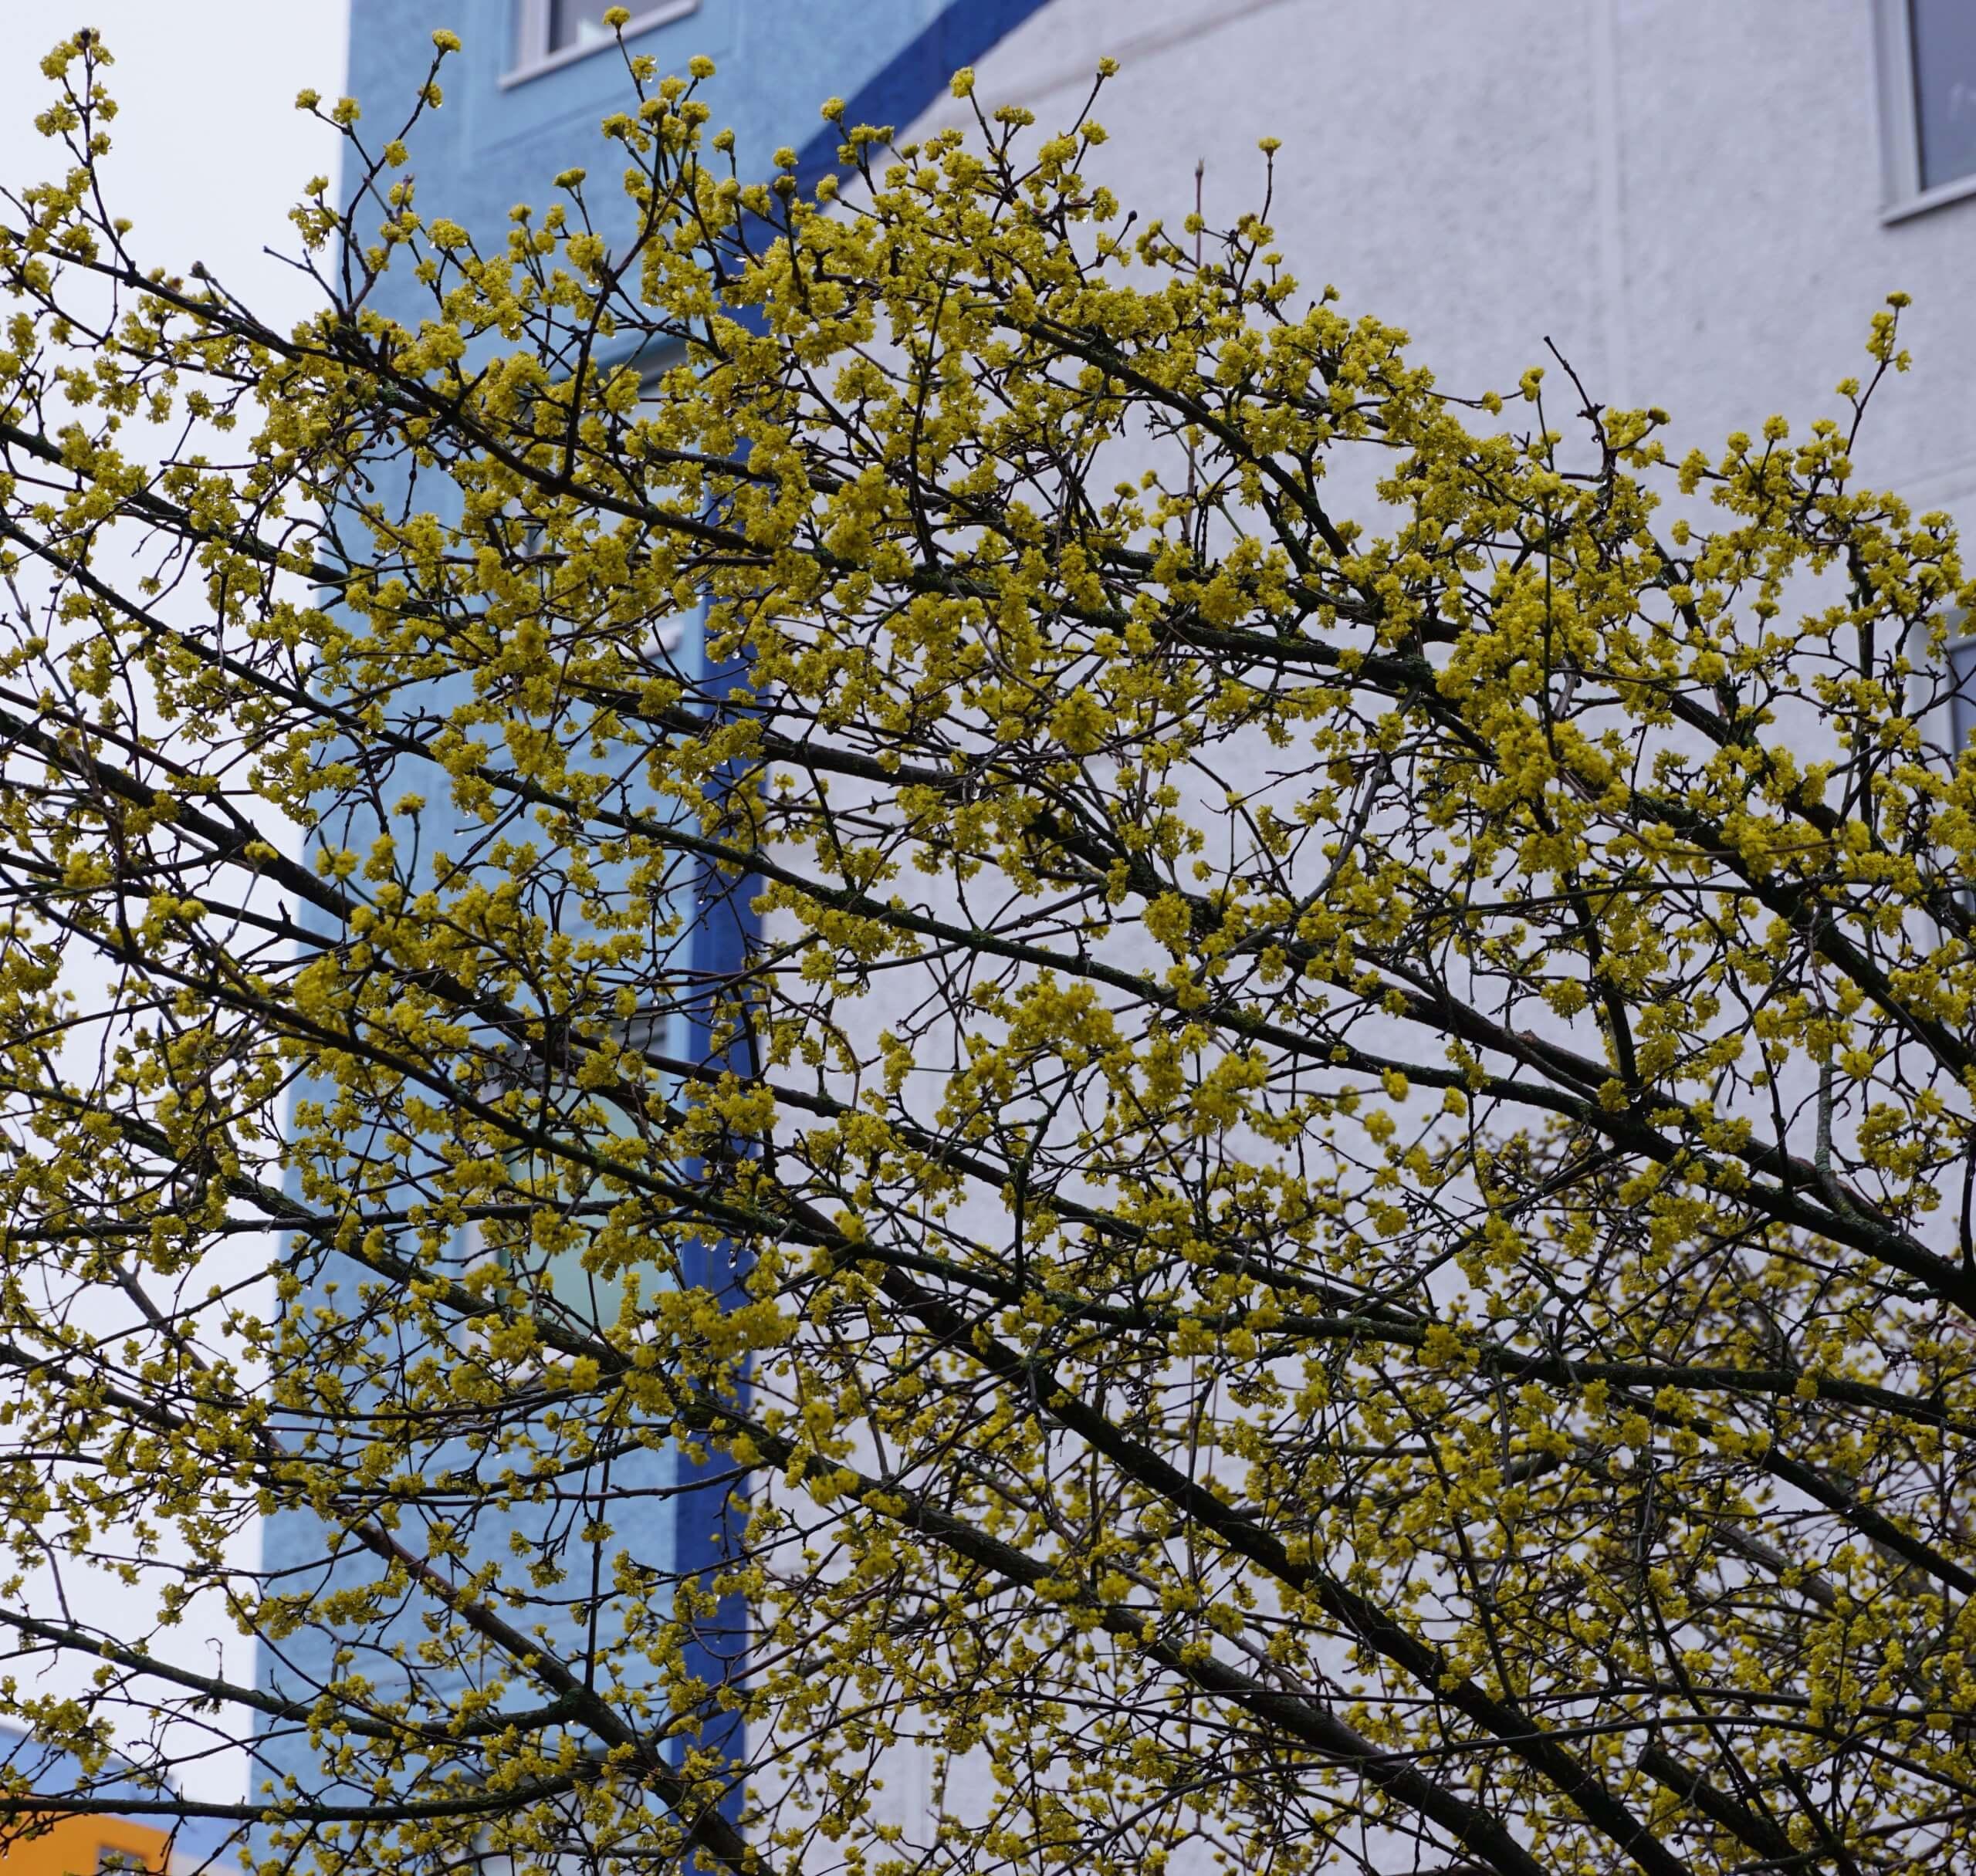 Das Bild zeigt ein in der Blüte stehendes Gehölz einer Kornelkirsche an der Venustraße im Kosmosviertel im Februar 2020. Die gelbe Blütenfärbung ist wie bei der etwas später, im Laufe des März blühenden Forsythie ein Hingucker in der sonst noch kahlen Vegetation des zeitigen Vorfrühlings.